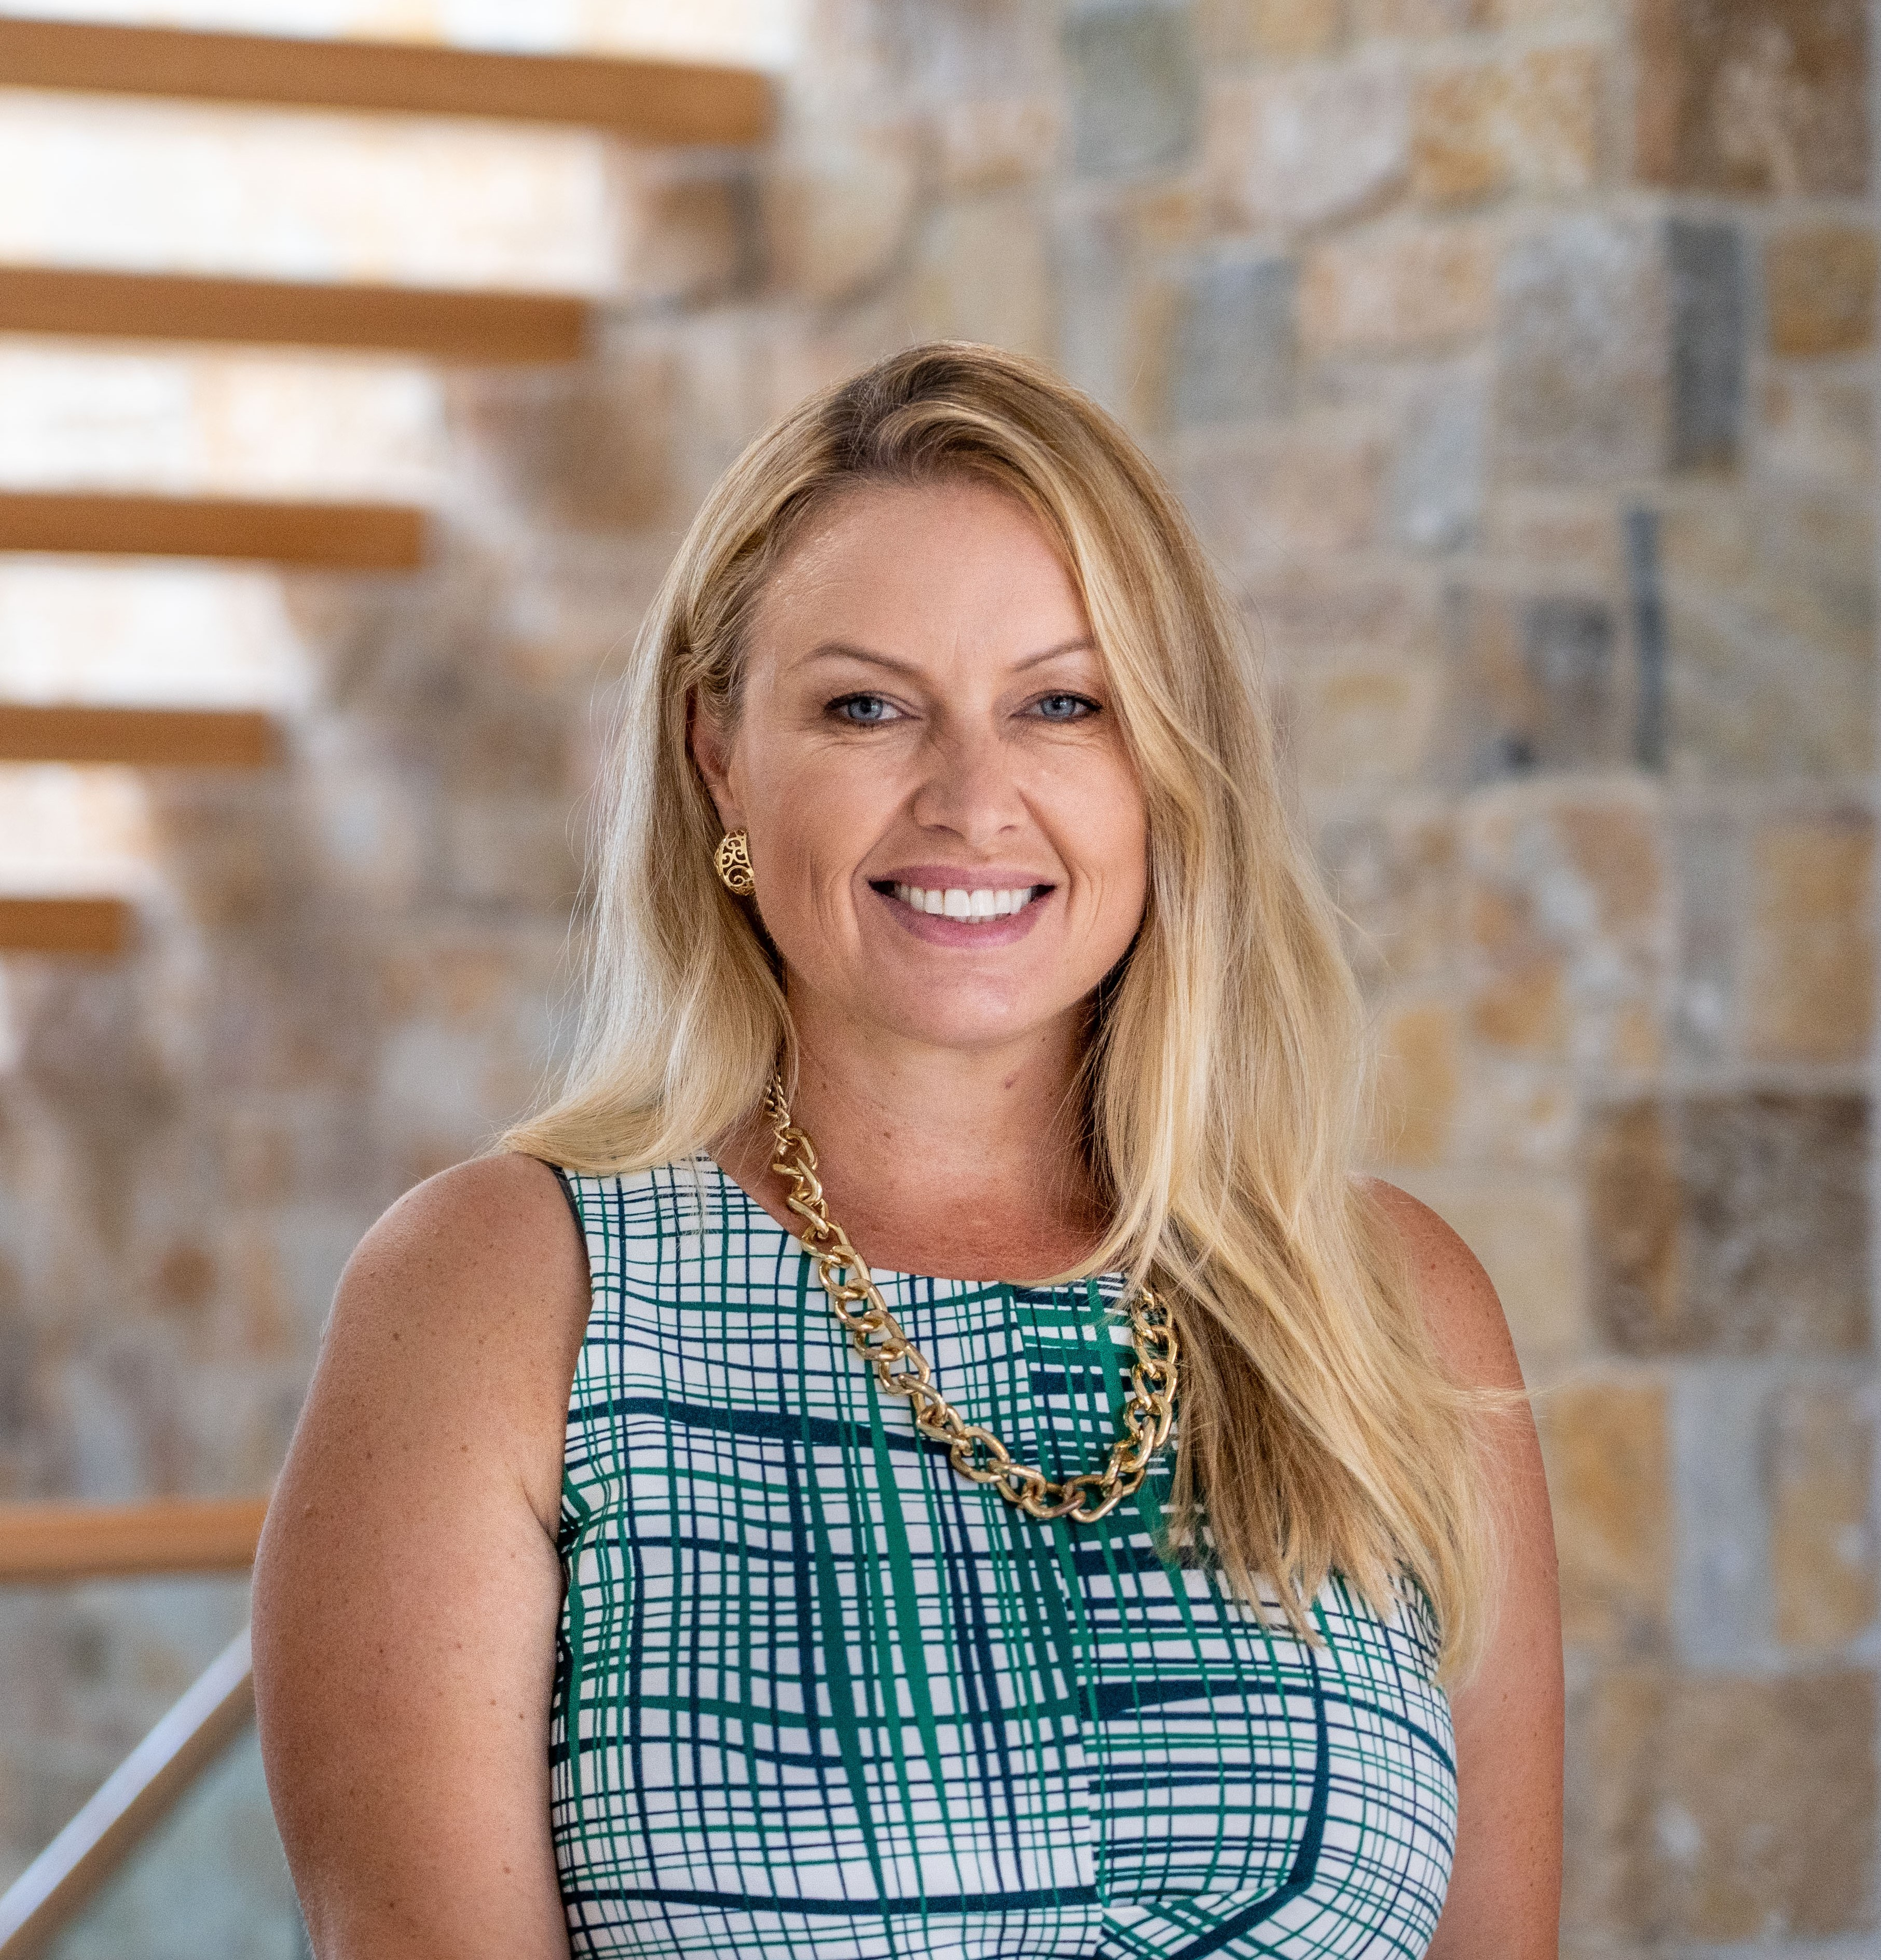 Karen Pirie